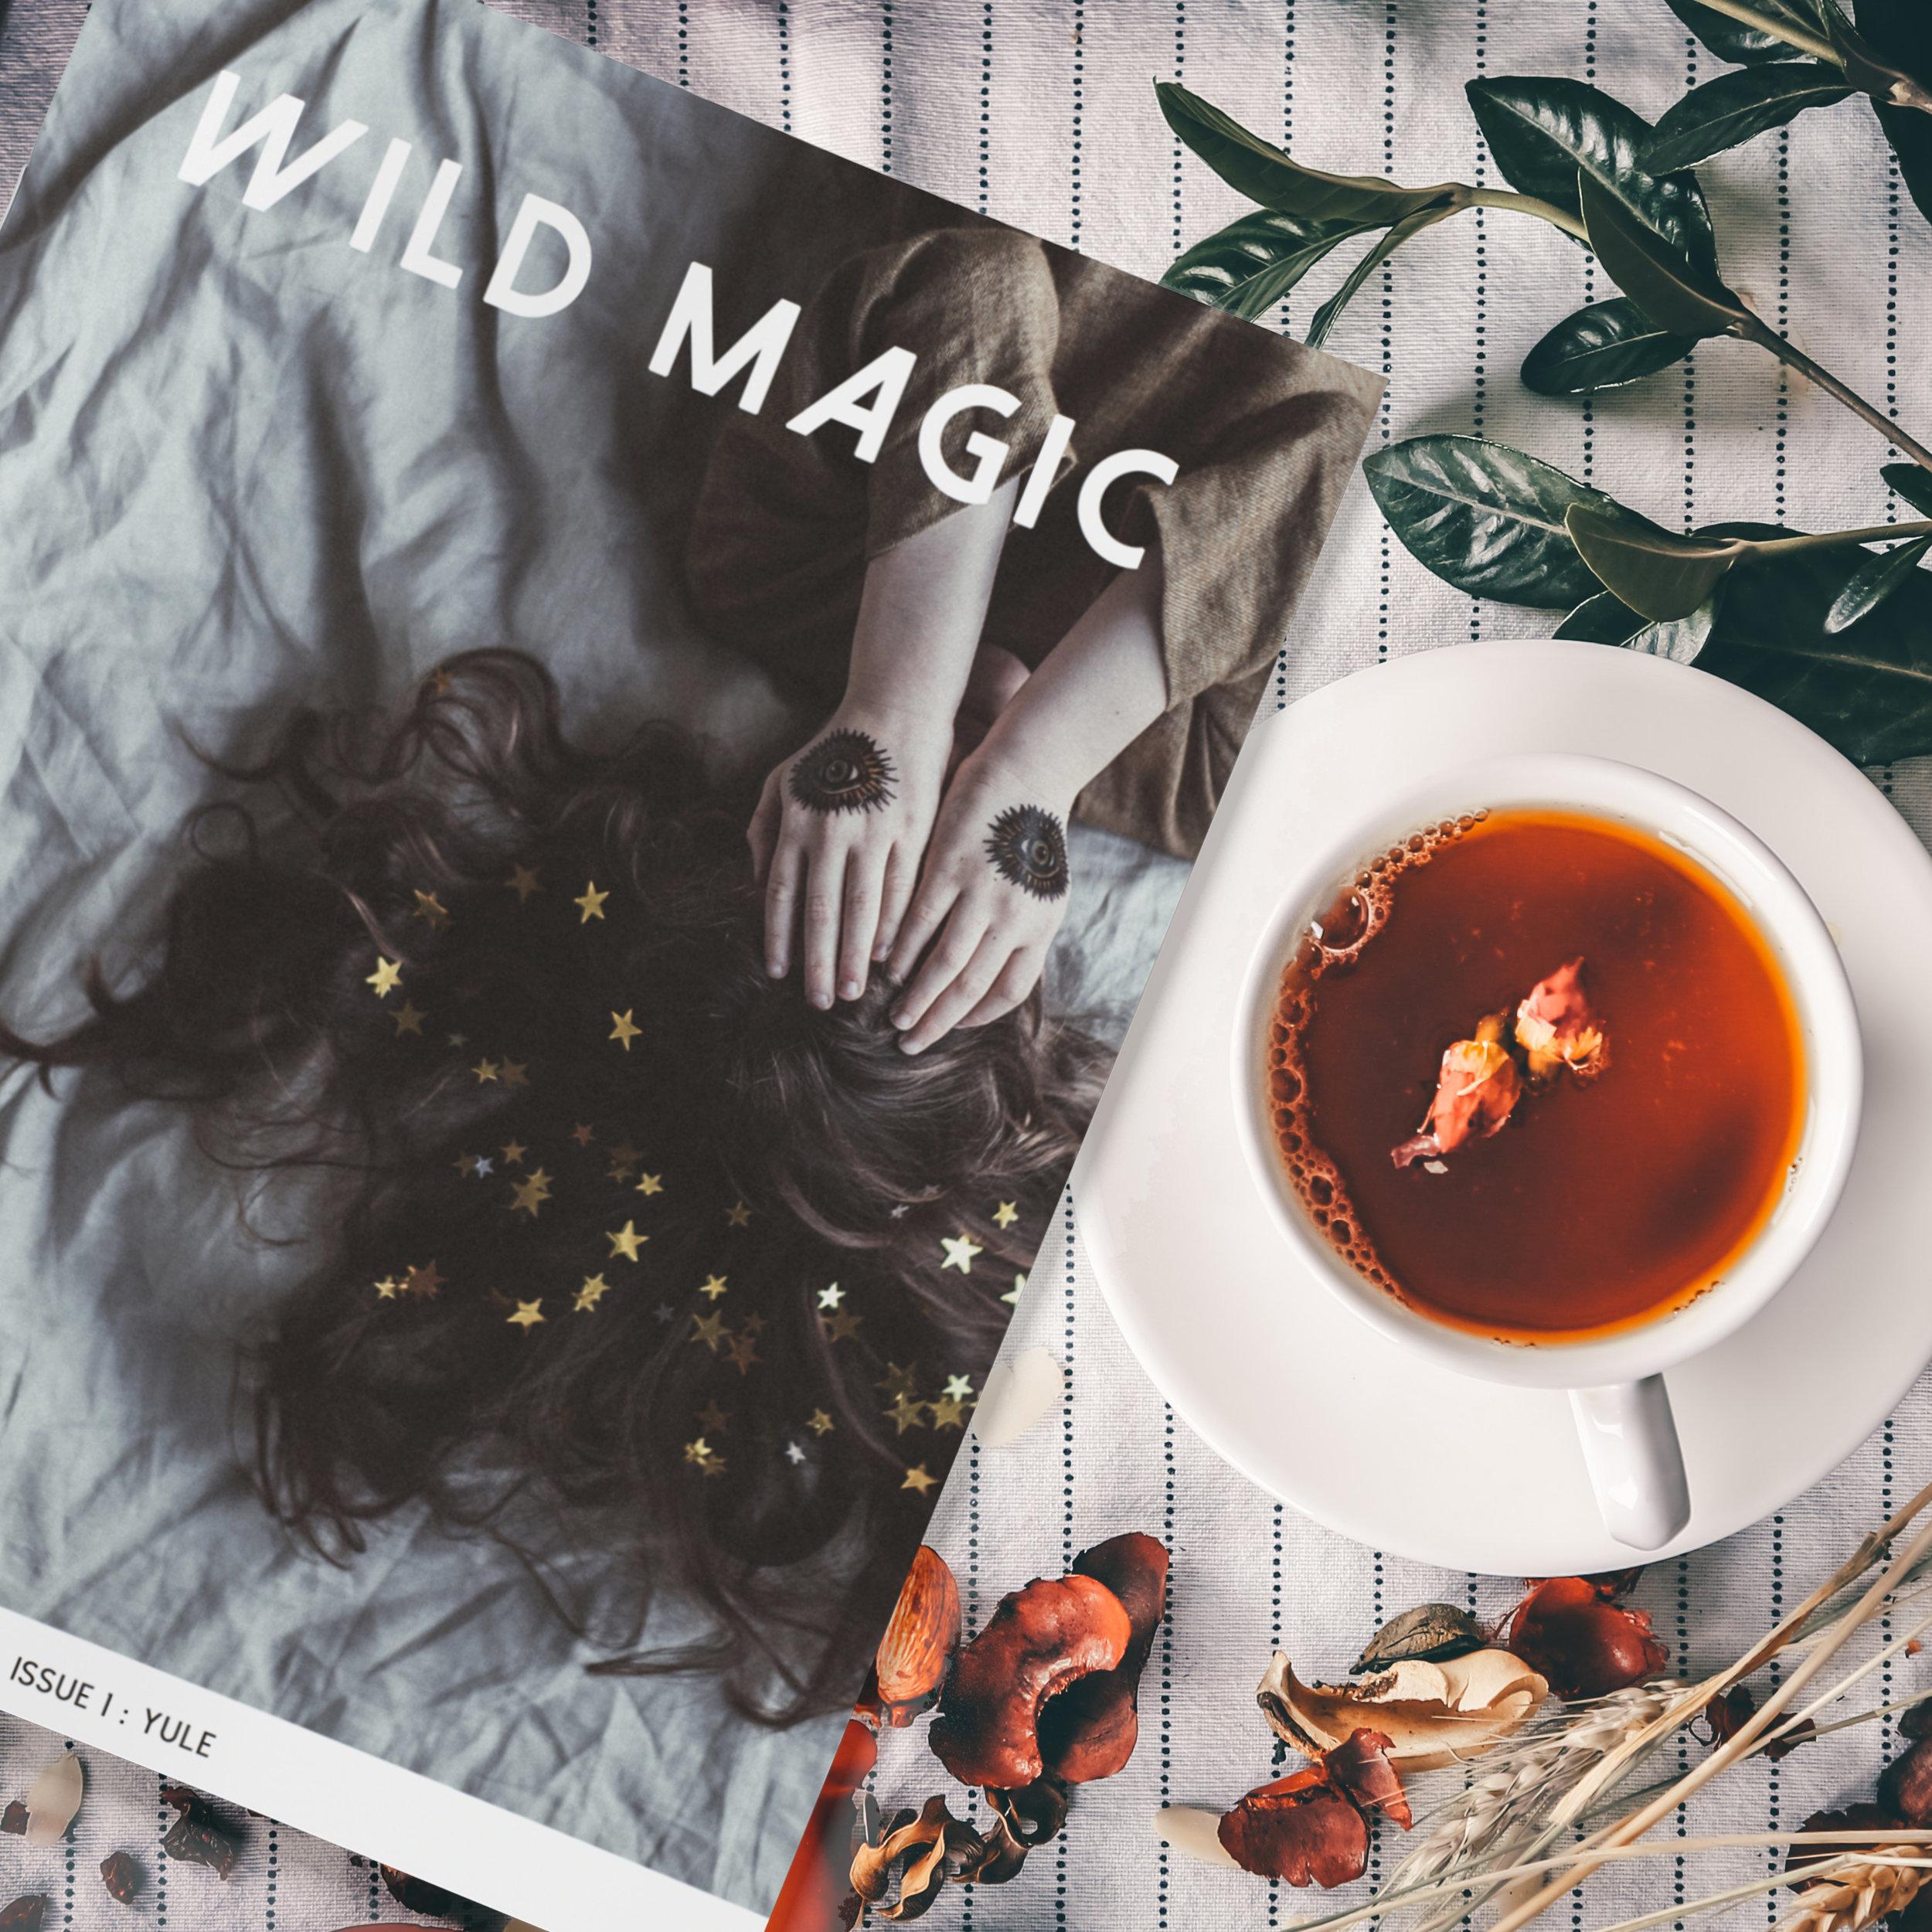 wildmagic_magazine2.jpg